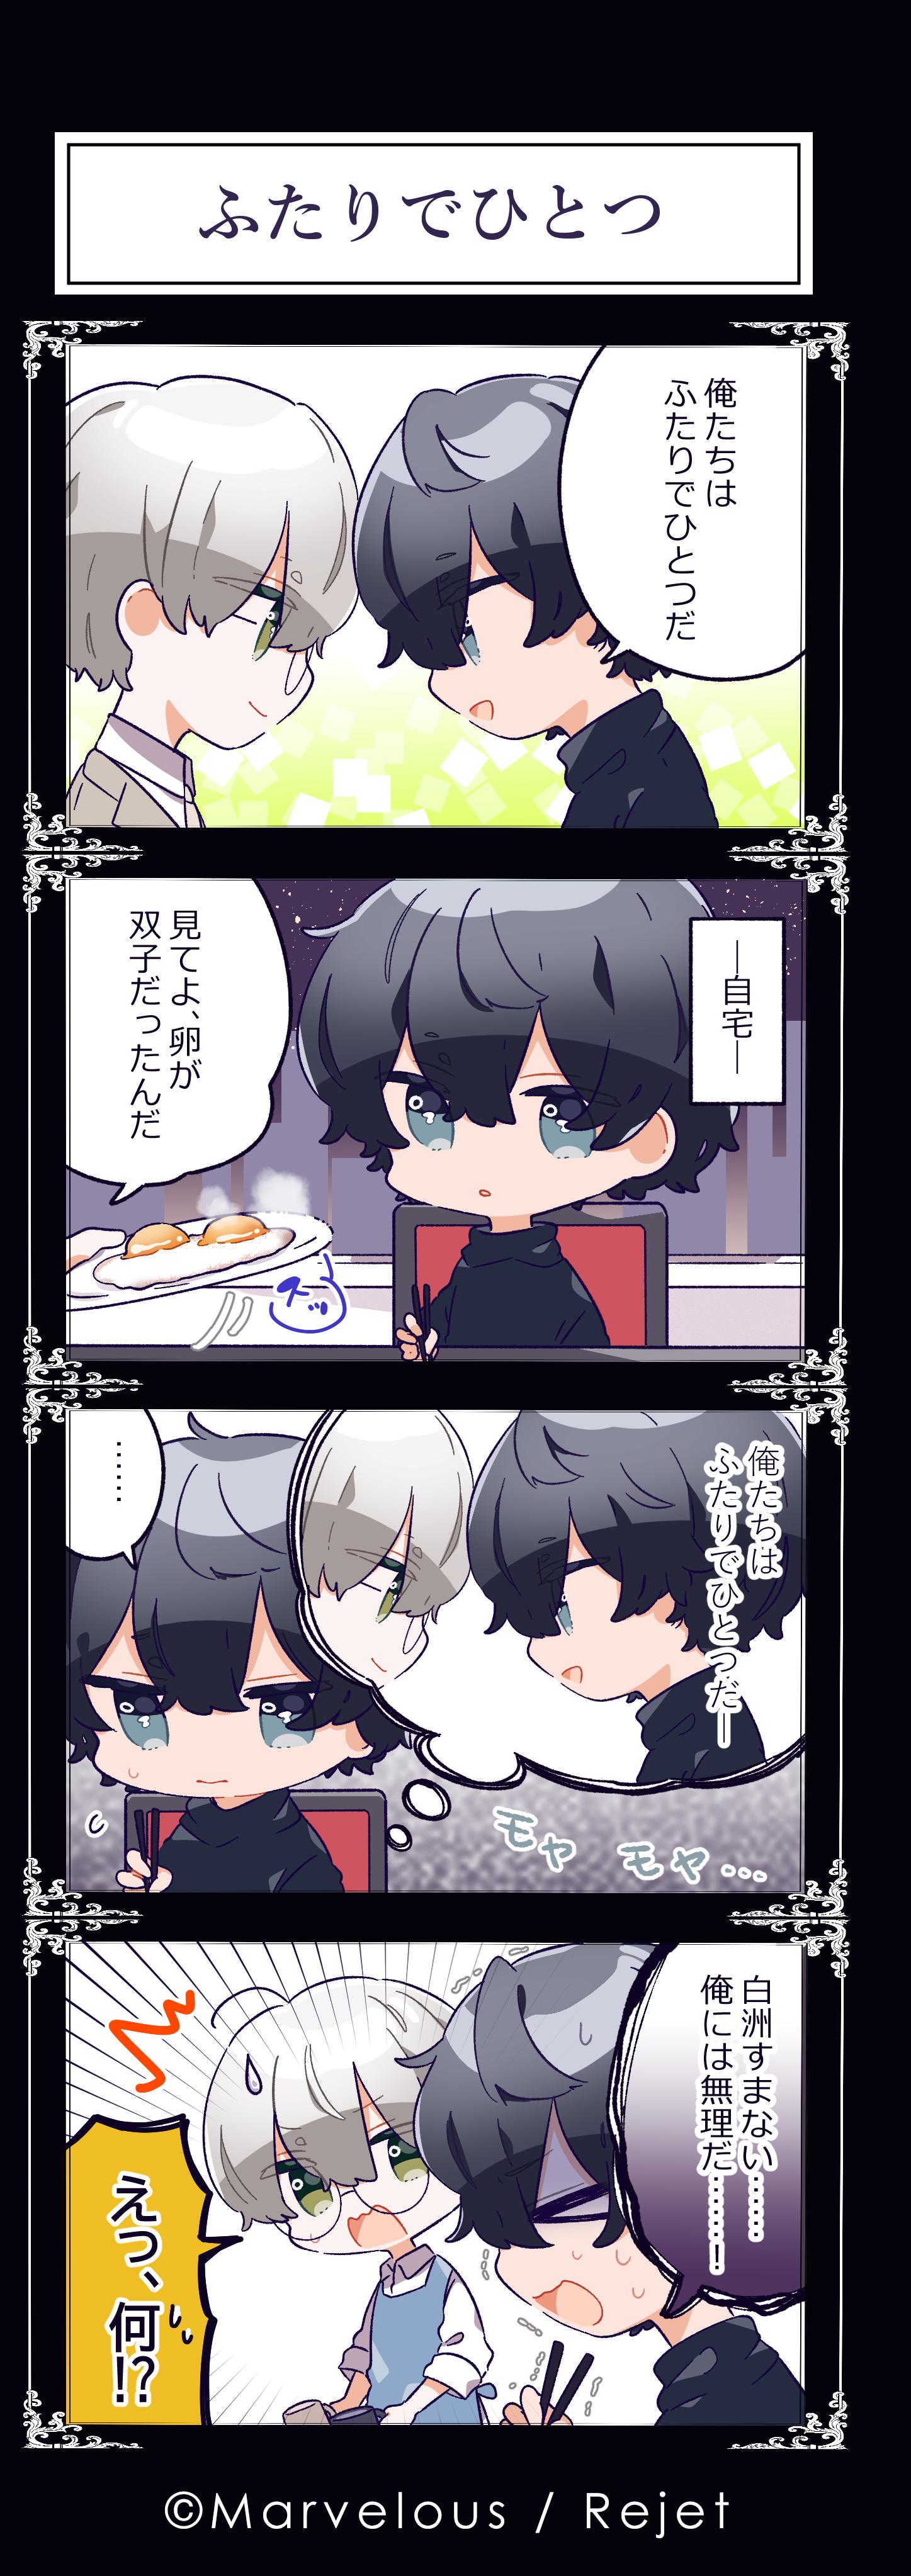 【6月投稿分】mawoko_FN4コマ1 (1).png